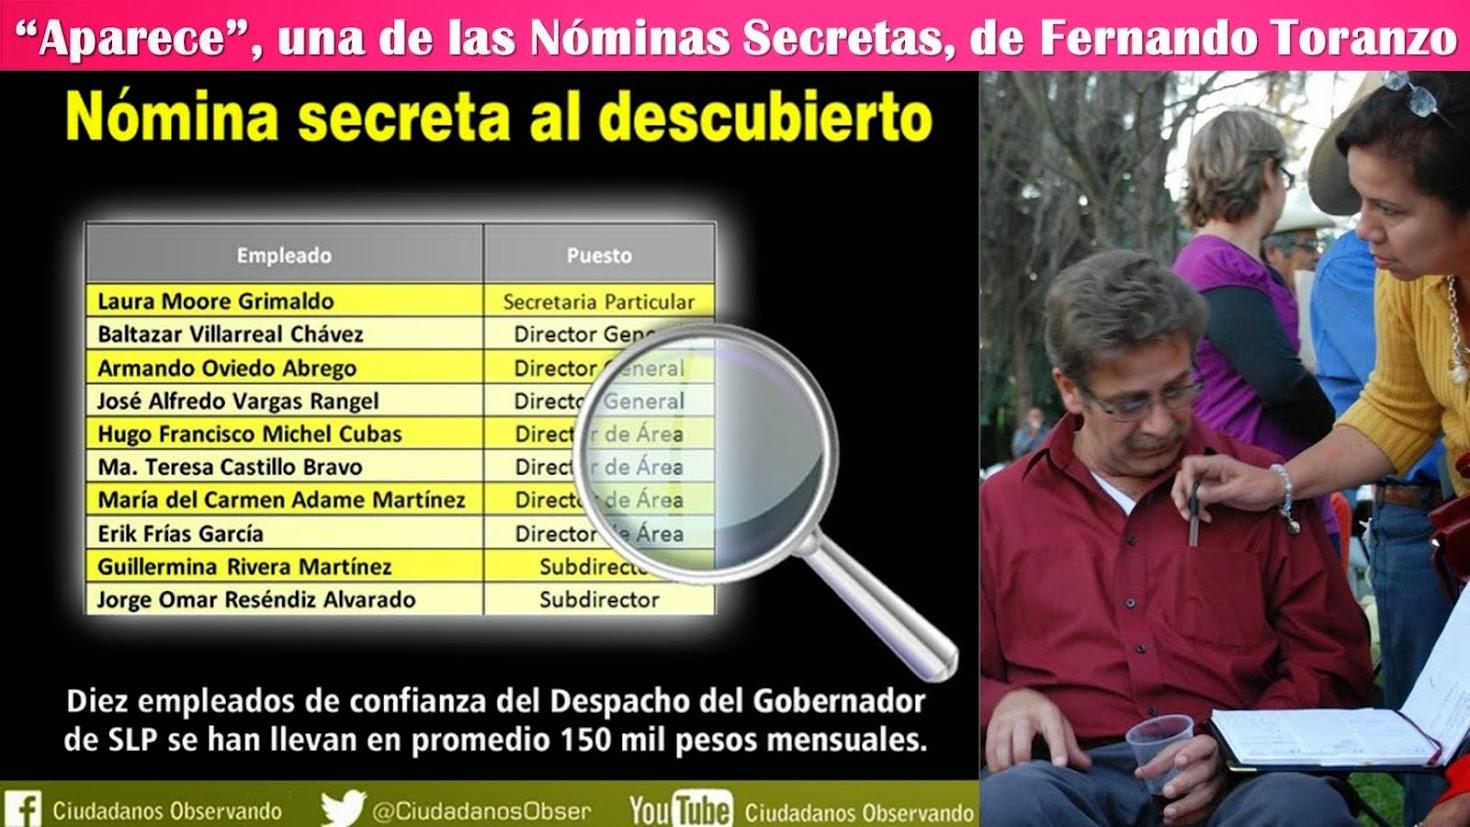 FERNANDO TORANZO, YA TIENE HOY, MÁS DE 1,000 DÍAS SIN IR AL PALACIO DE GOBIERNO.......